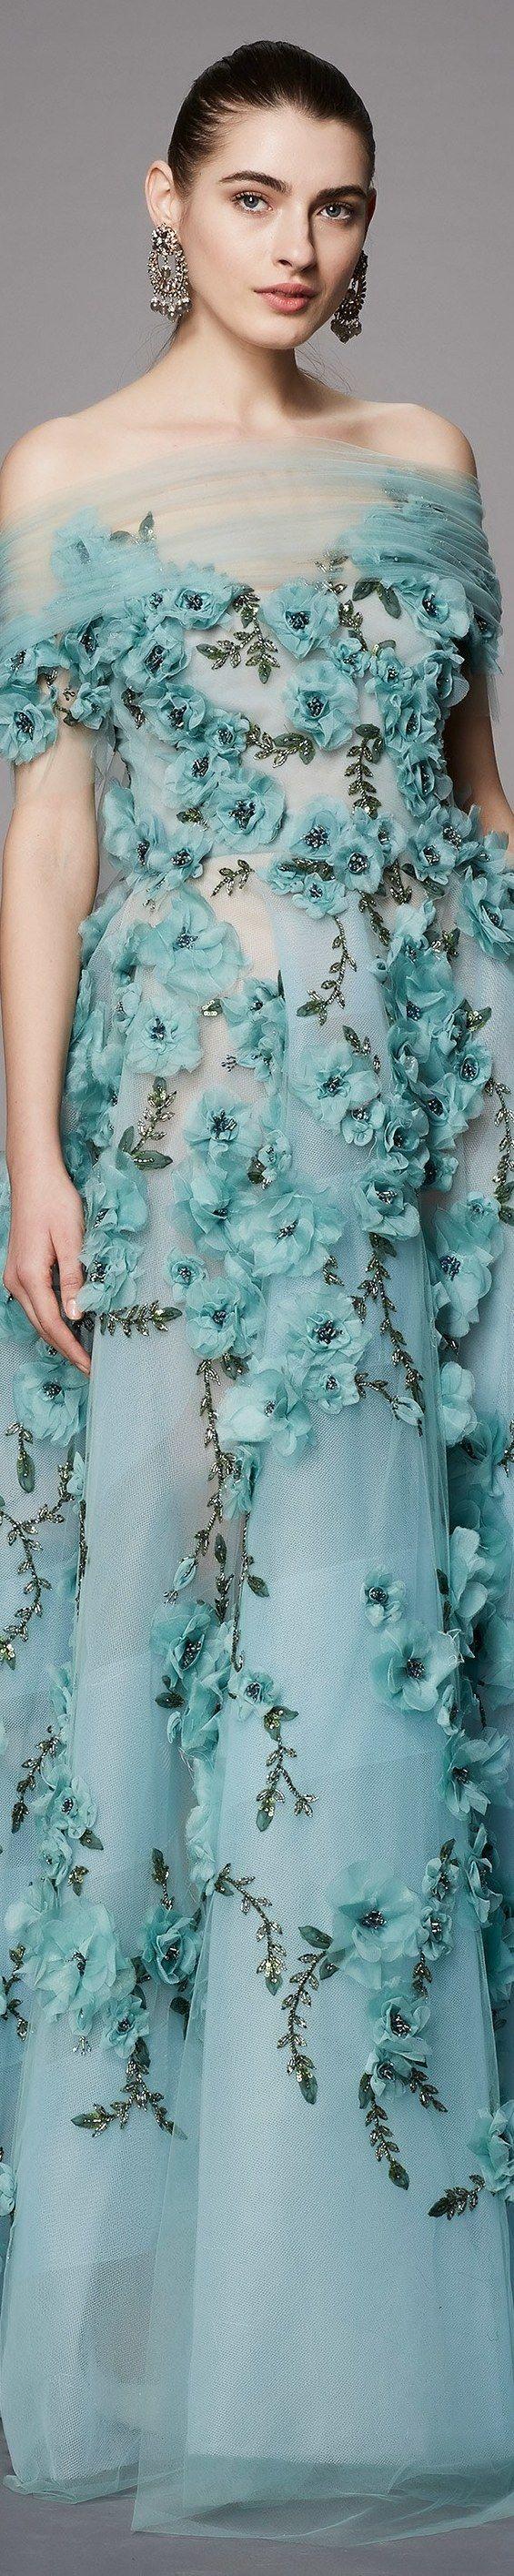 Marchesa Couture - Pre Fall 2017